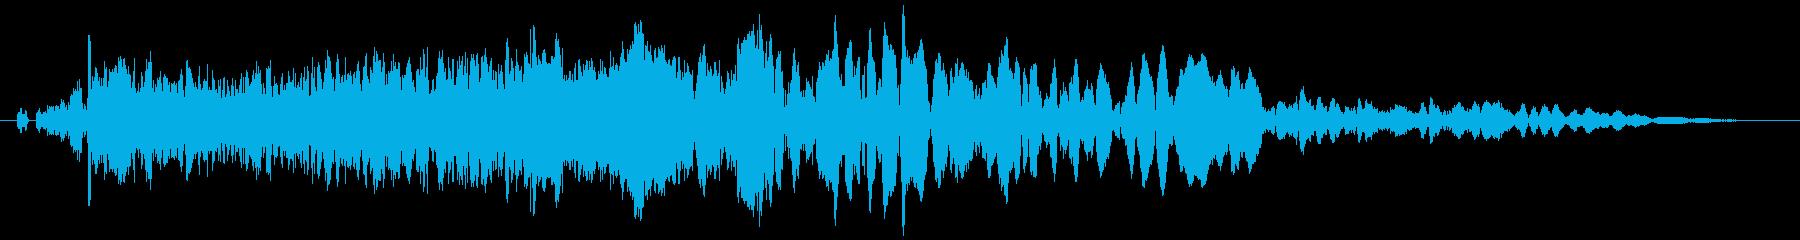 【レース,車】ド迫力のブレーキ効果音!の再生済みの波形